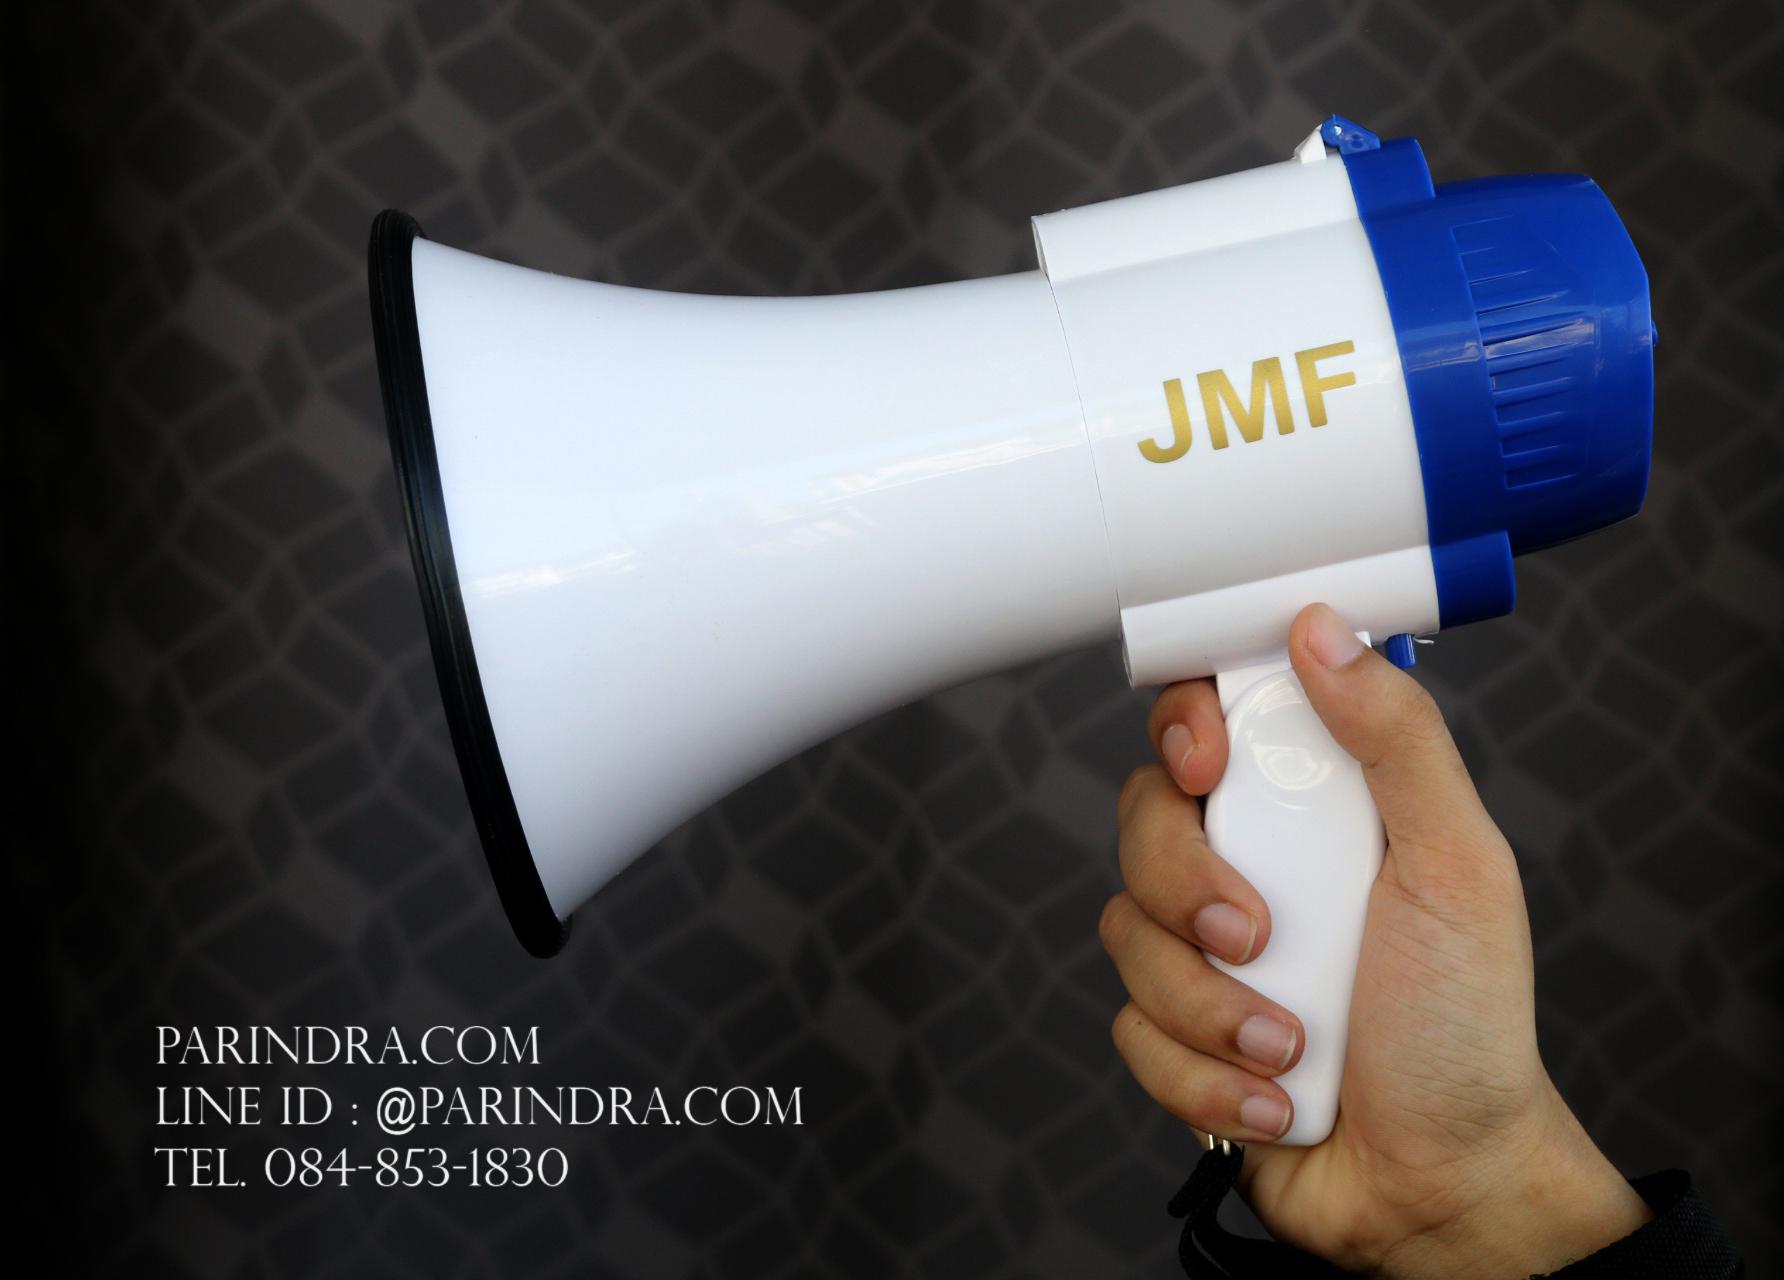 โทรโข่ง JMF Megaphone รุ่น SD-8SL แบบพกพา เสียงดังดี อัดเสียงได้